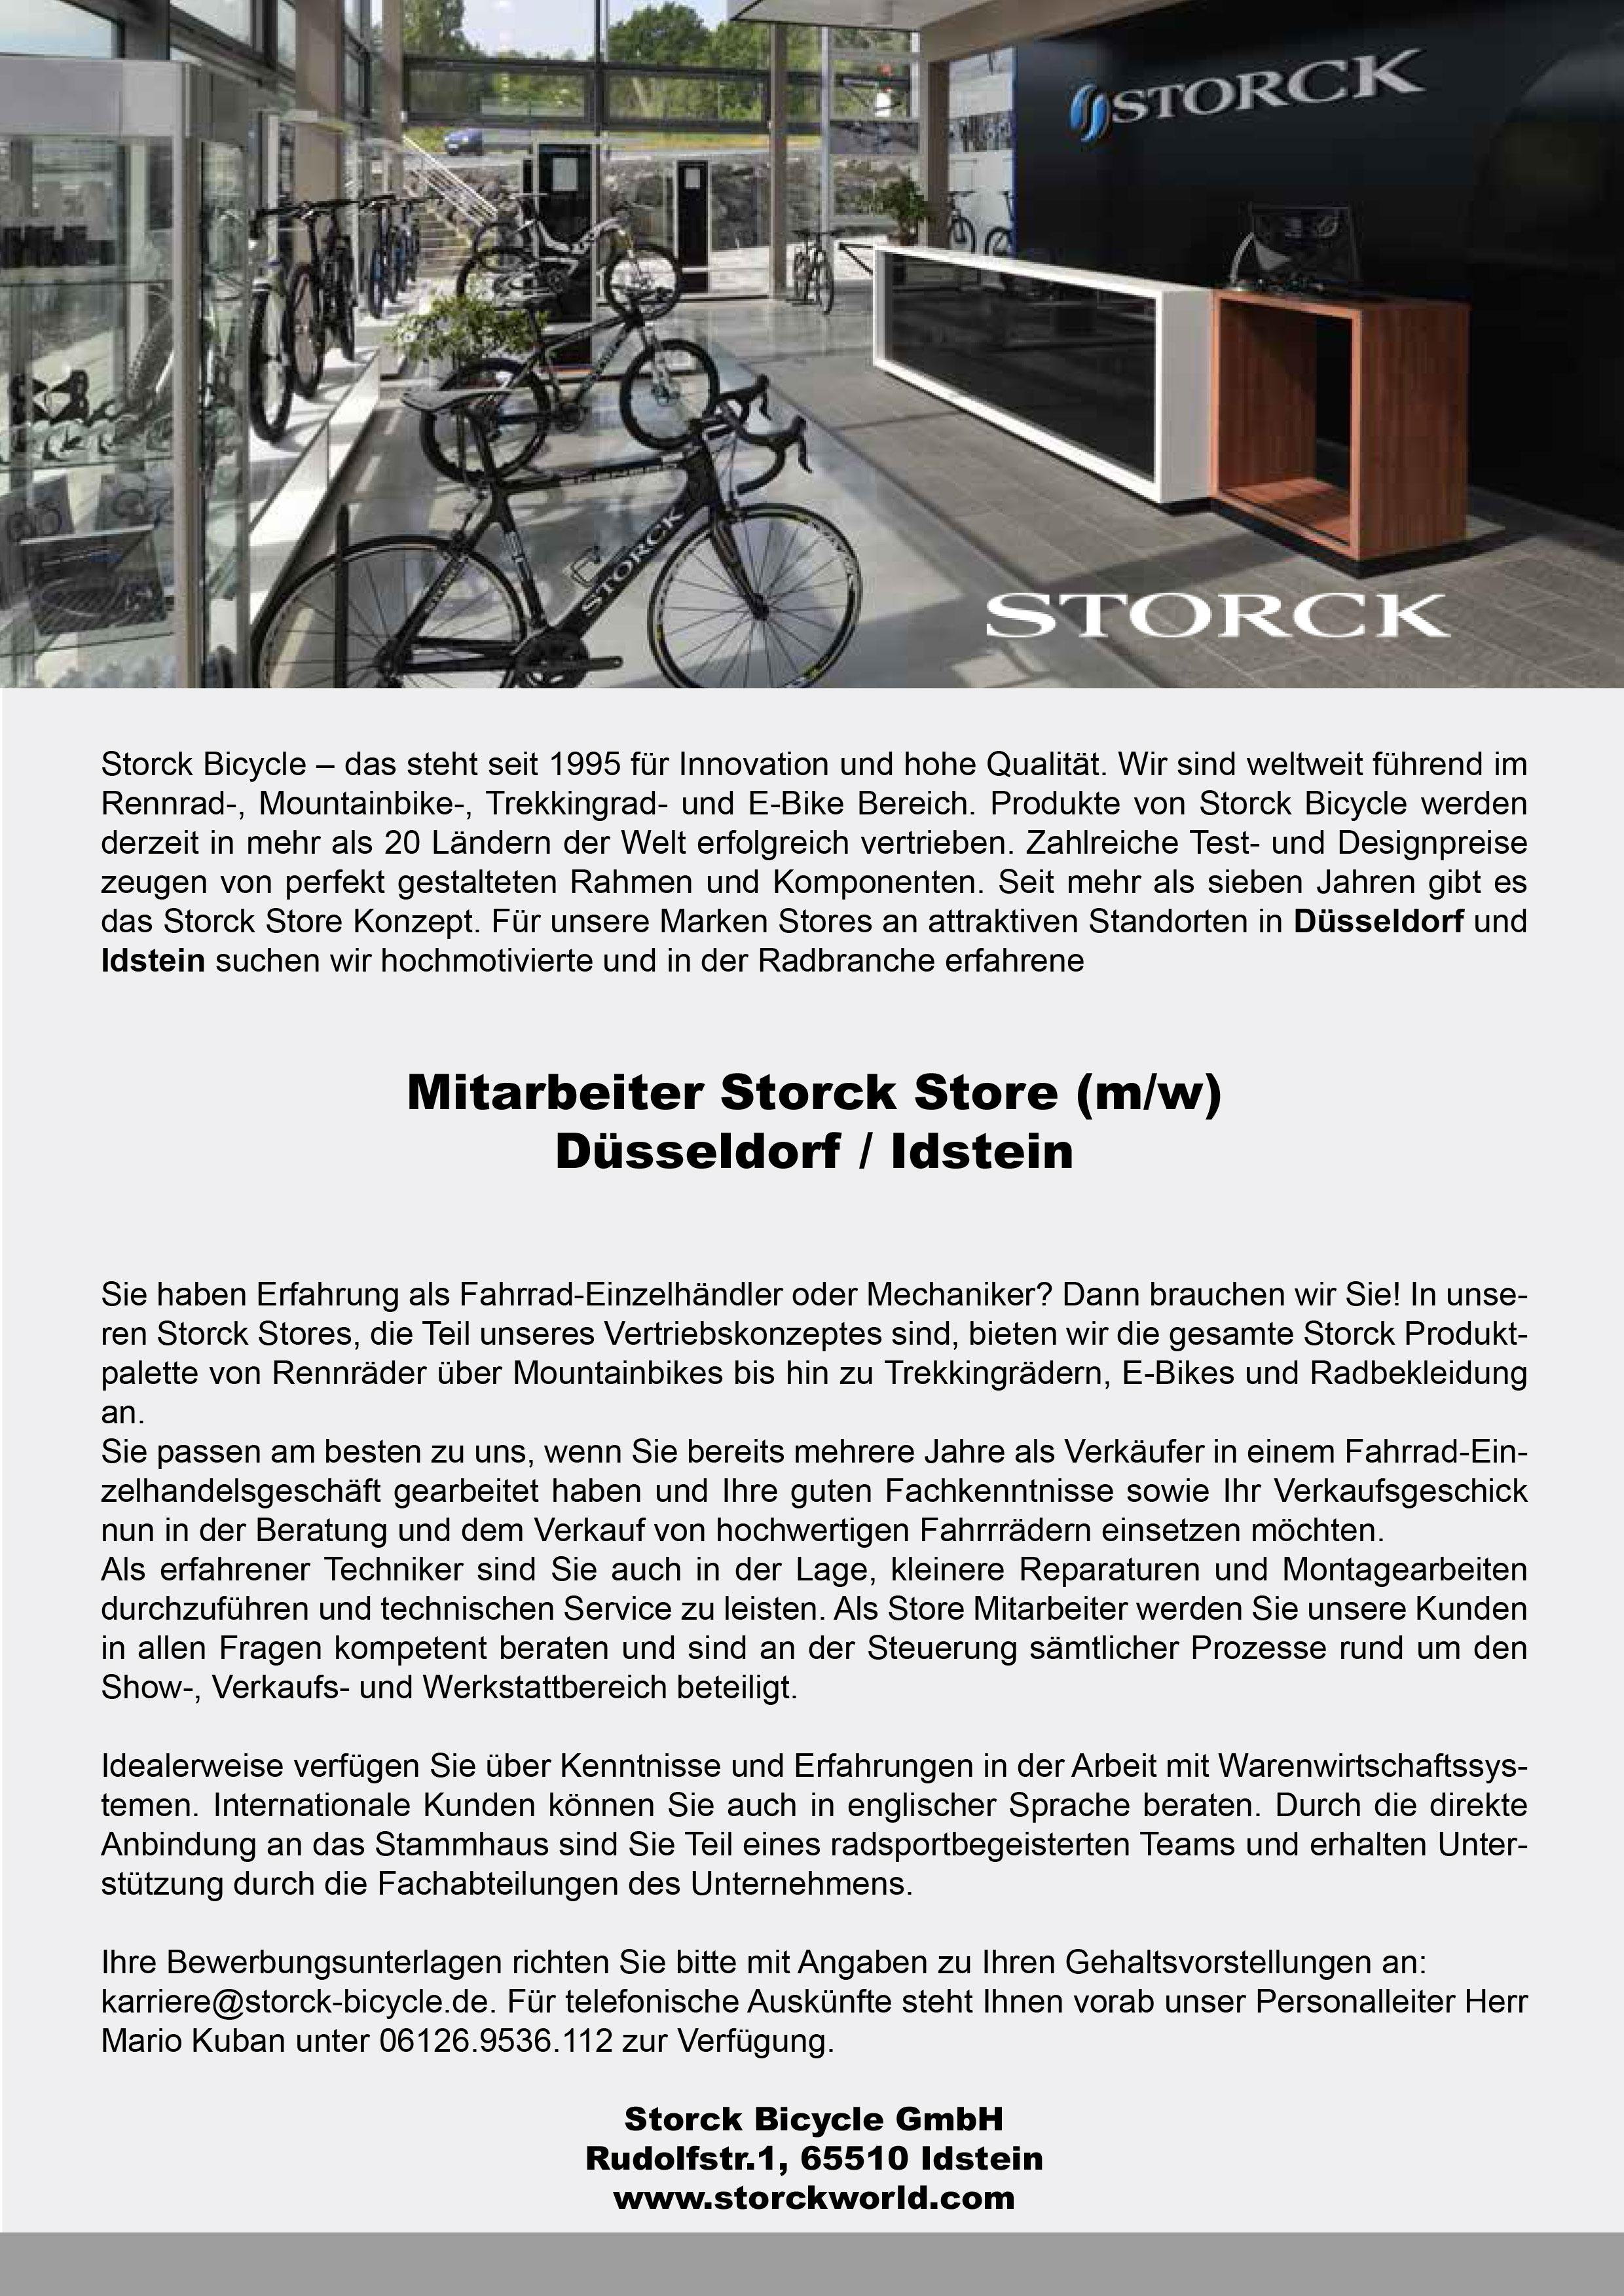 Store Mitarbeiter Düsseldorf und Idstein (m/w)